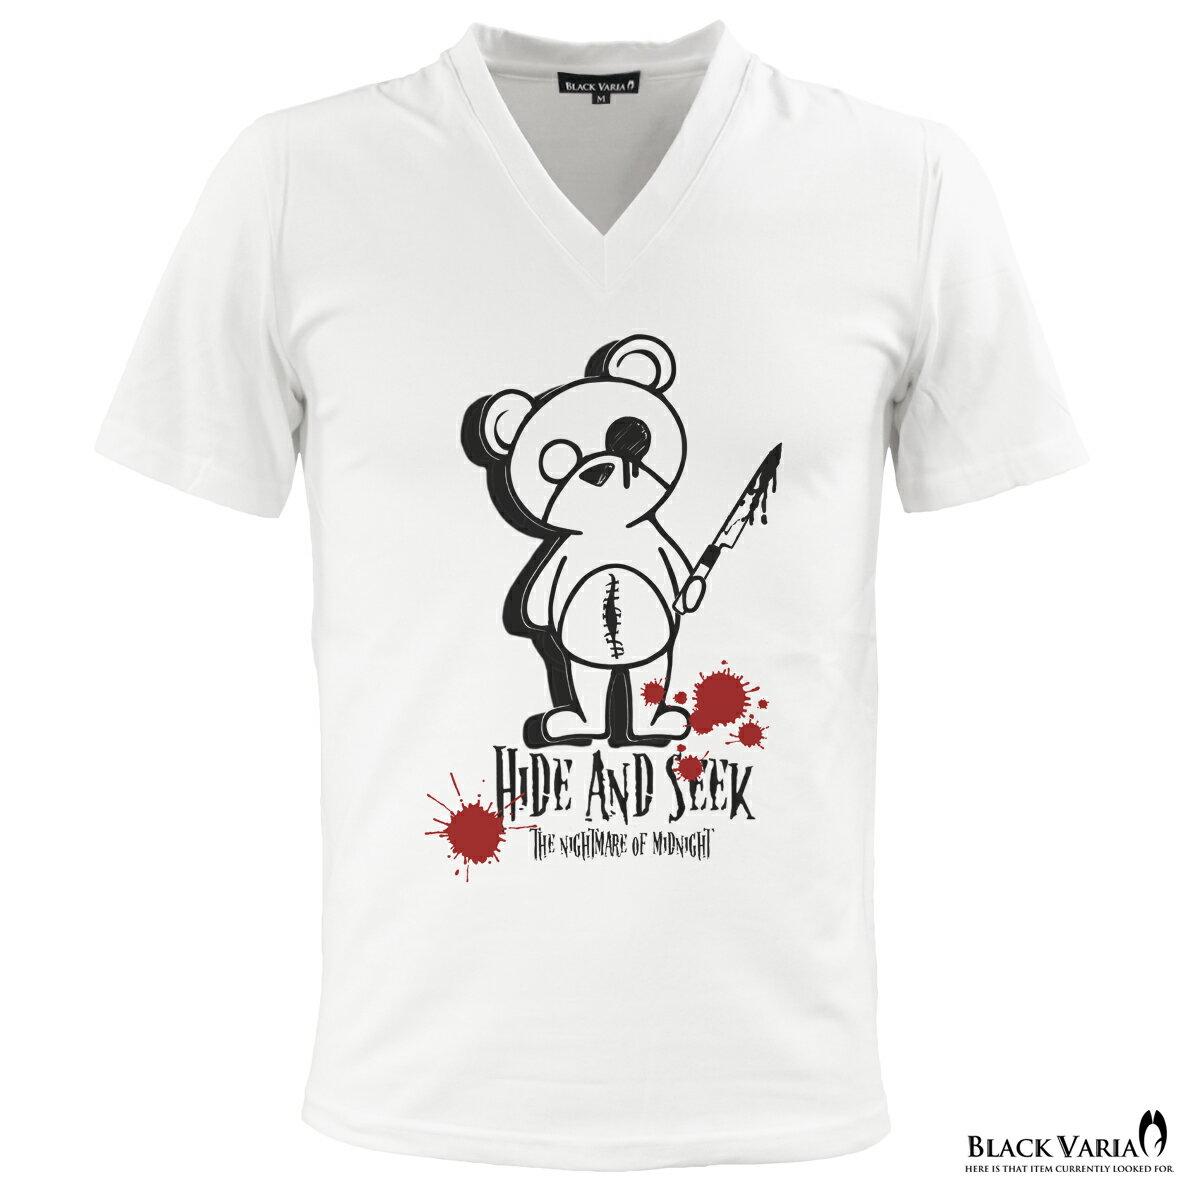 Tシャツ キラー ベア ロゴ プリント Vネック 半袖 Tシャツ メンズ(ホワイト白) ztm018